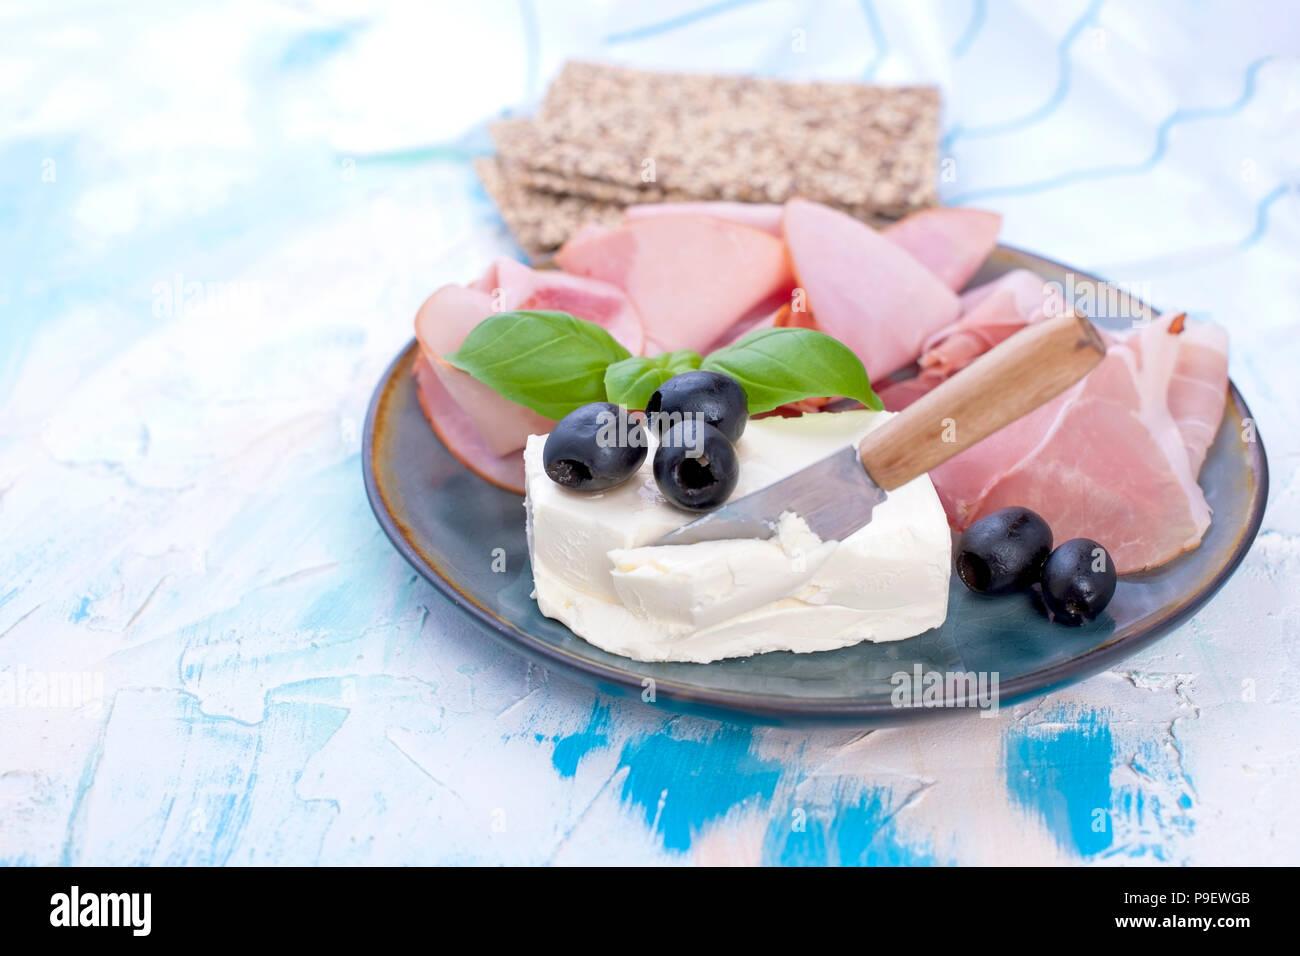 Käse und Schinken mit Oliven auf einem grauen Platte. Weißer Hintergrund mit blauen Scheidungen. Messer für Käse. Trockene Breadstones. Freier Platz für Text oder eine Postkarte. Stockbild